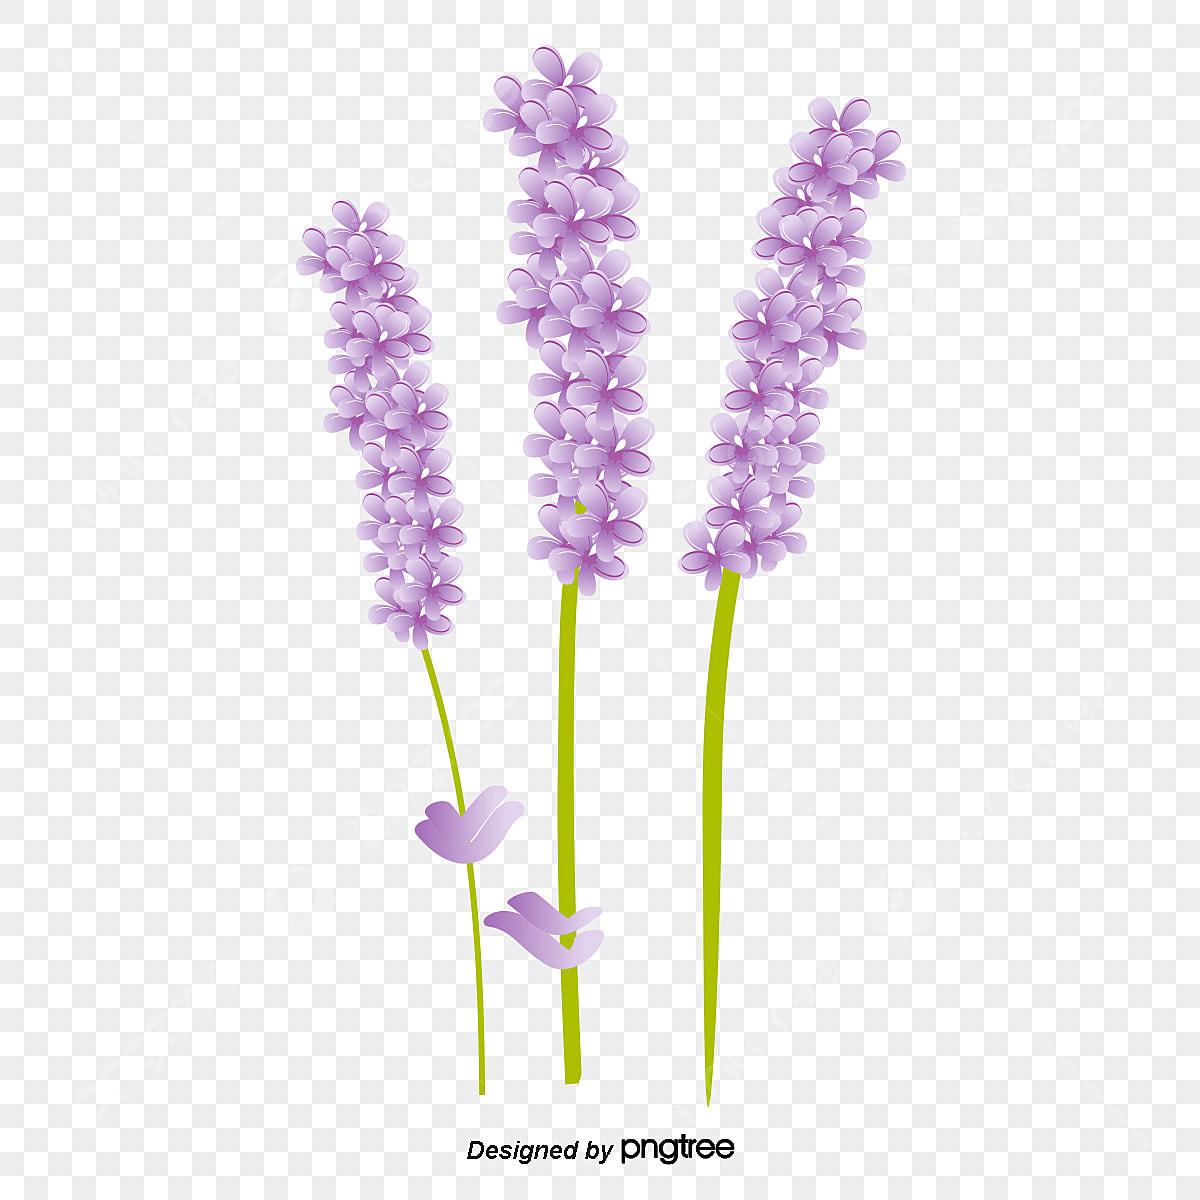 無料ダウンロードのためのラベンダー ラベンダー 紫 清新png画像素材